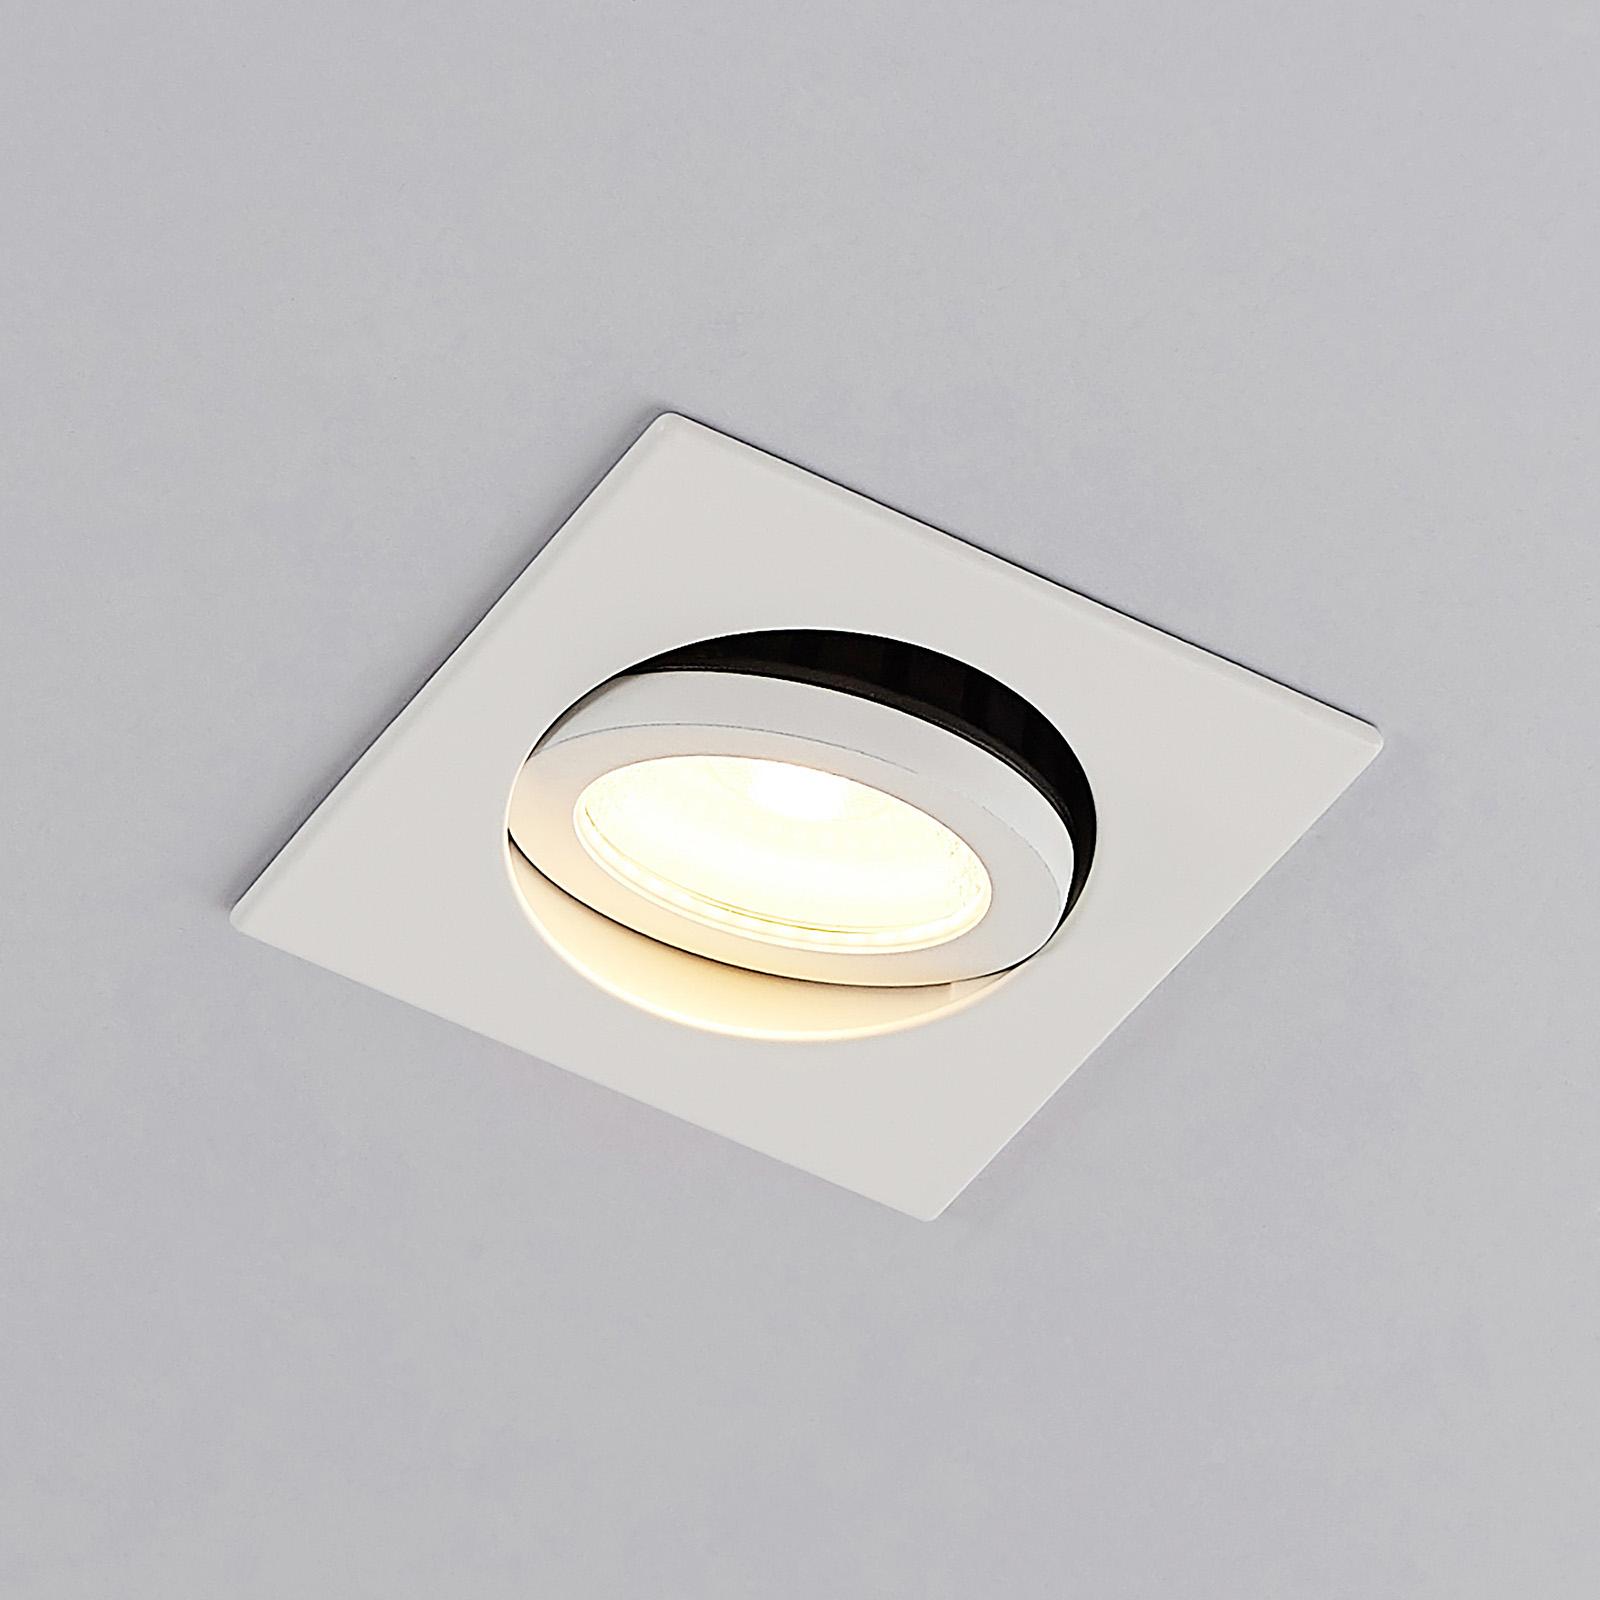 Arcchio Dacio LED-alasvalo kulmikas 36° IP65 4W